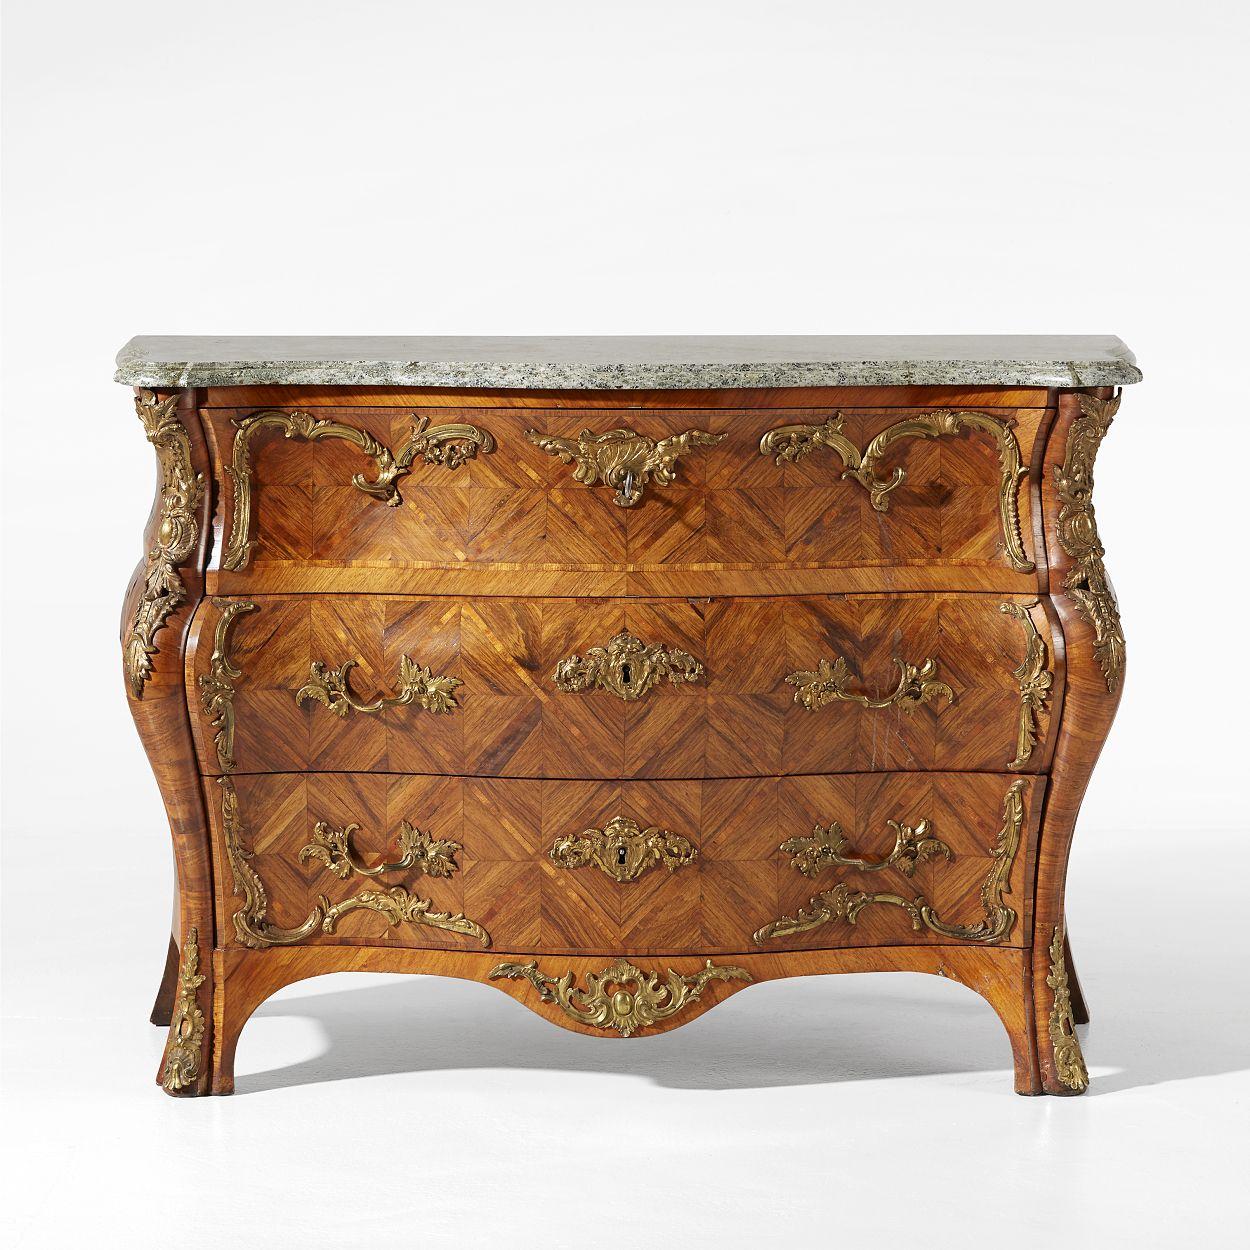 byra rokoko av christian linning antike mobel barock stil europaisches mobel